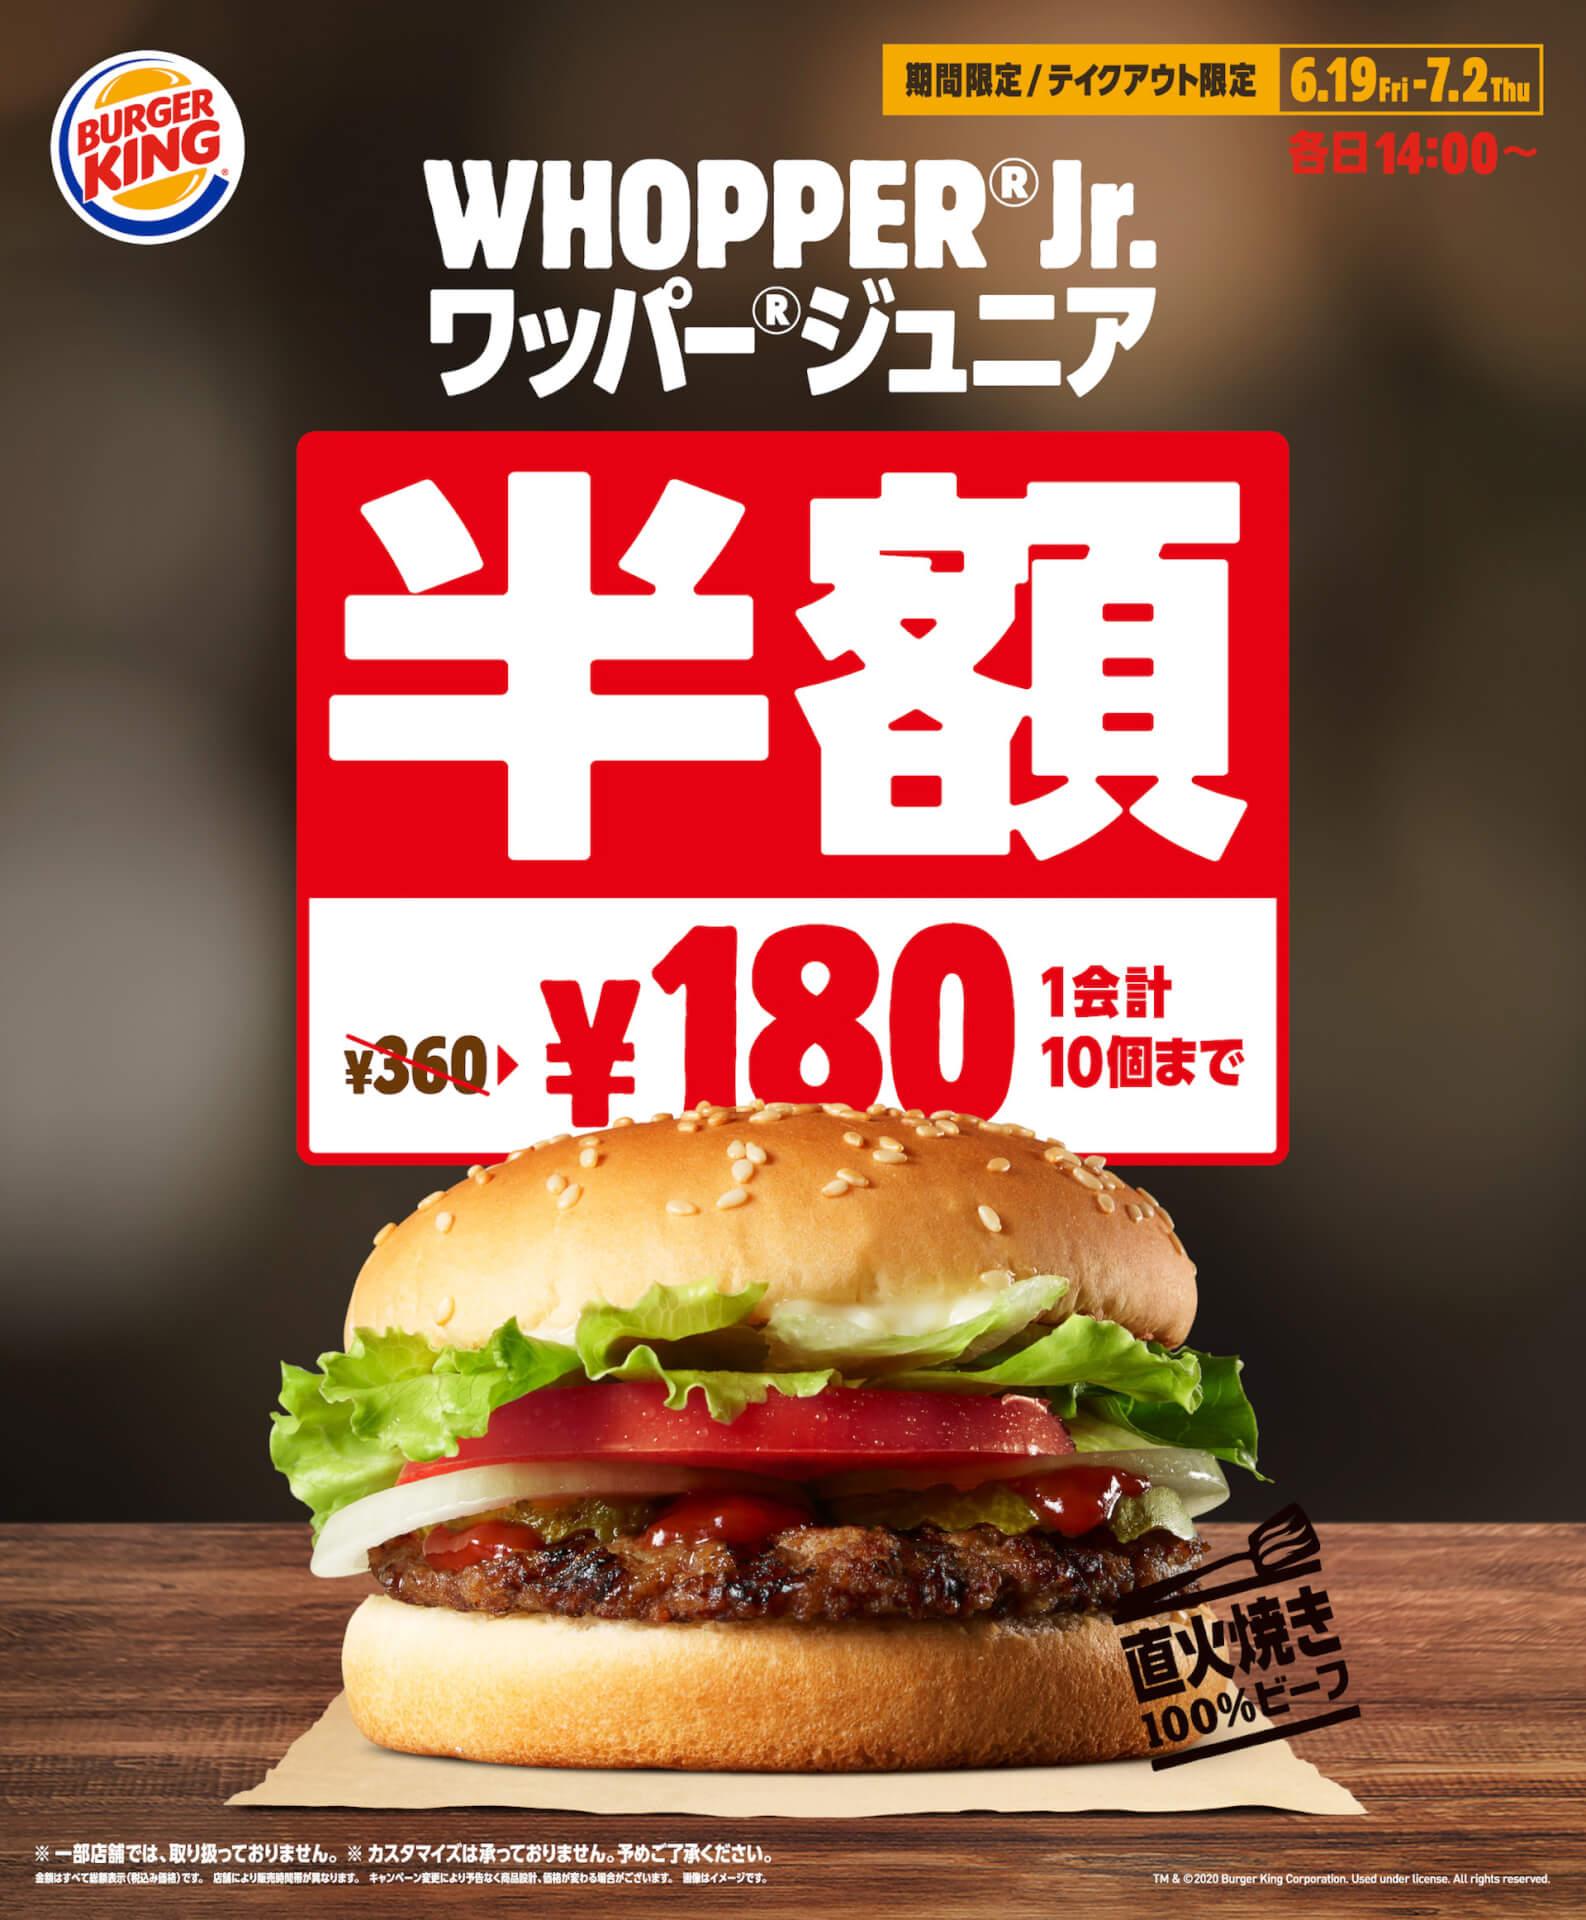 バーガーキングのワッパージュニア(R)がテイクアウト限定の180円で食べられるキャンペーンがスタート! gourmet200619_burgerking_1